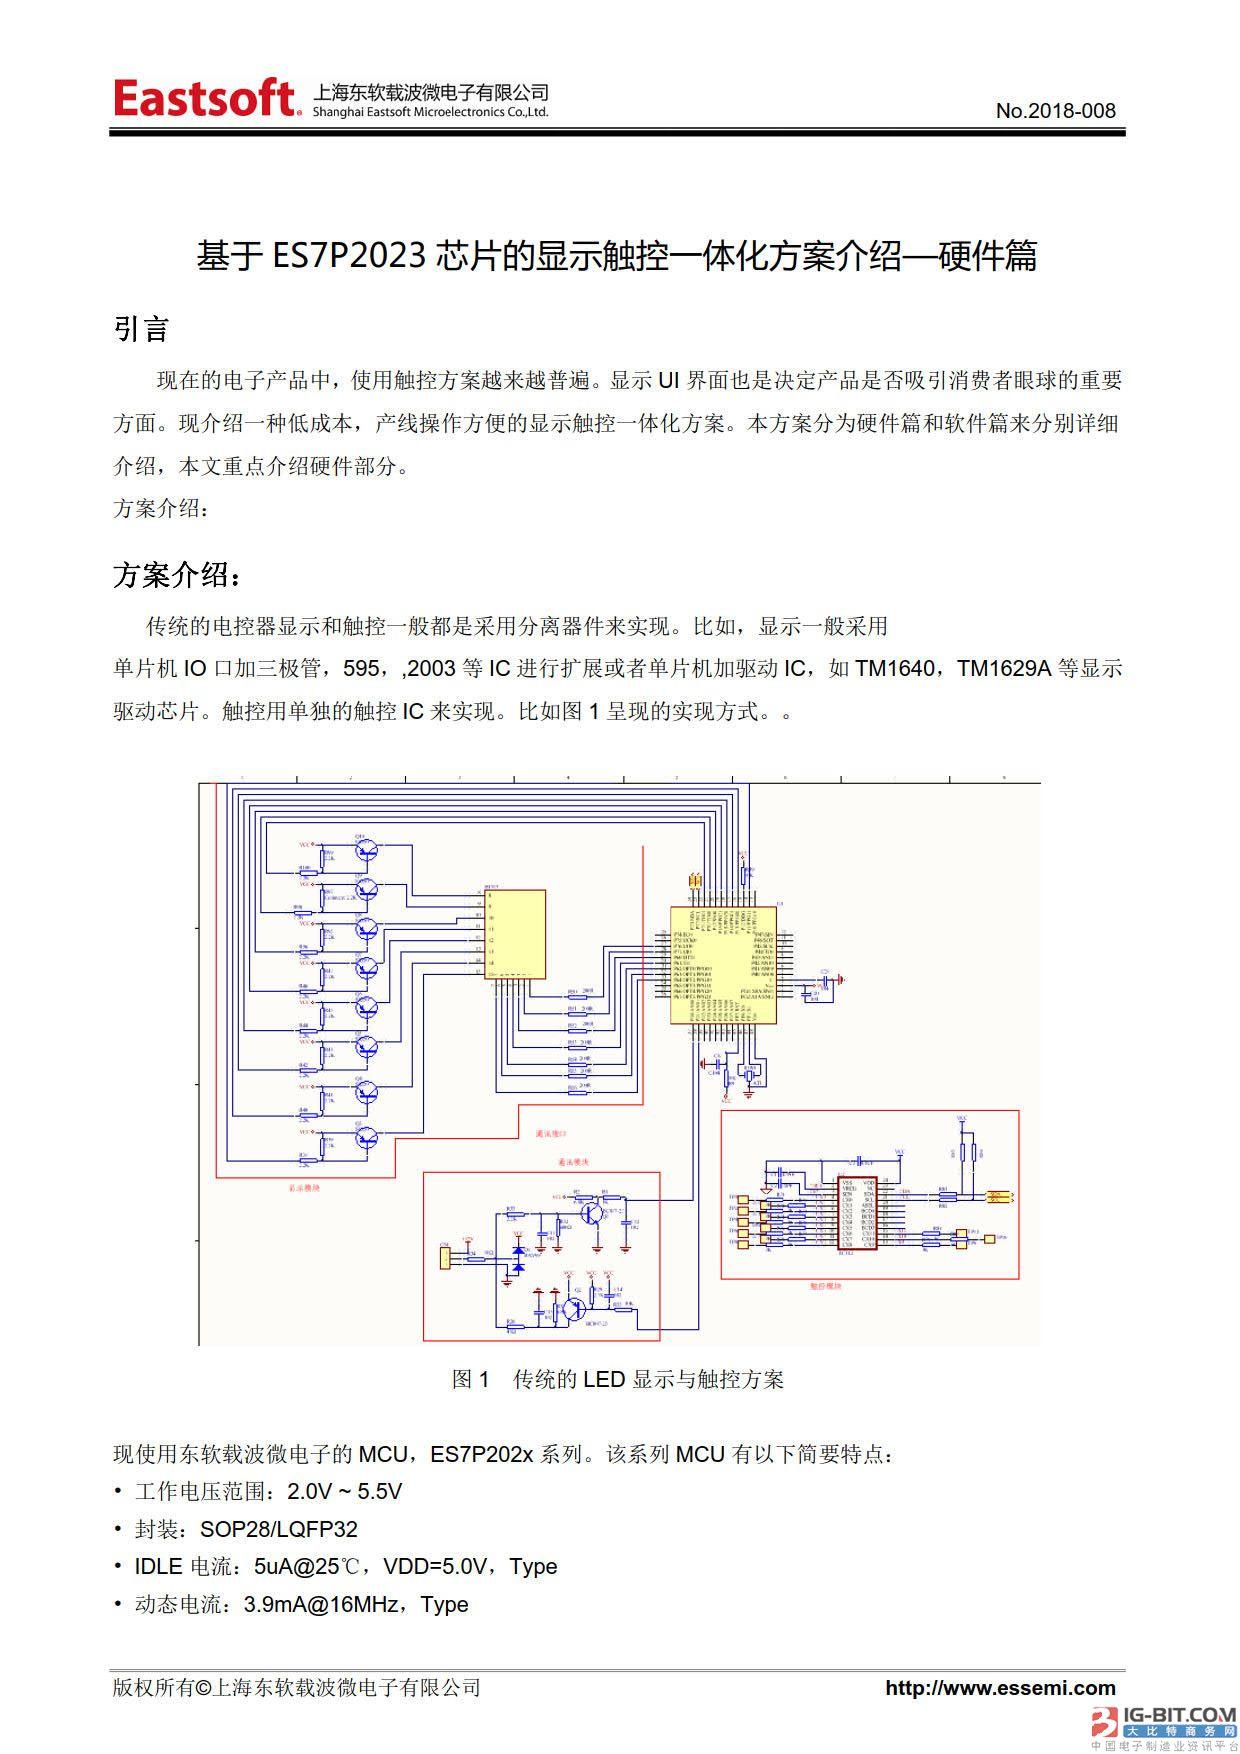 基于ES7P2023芯片的显示触控一体化方案介绍—硬件篇